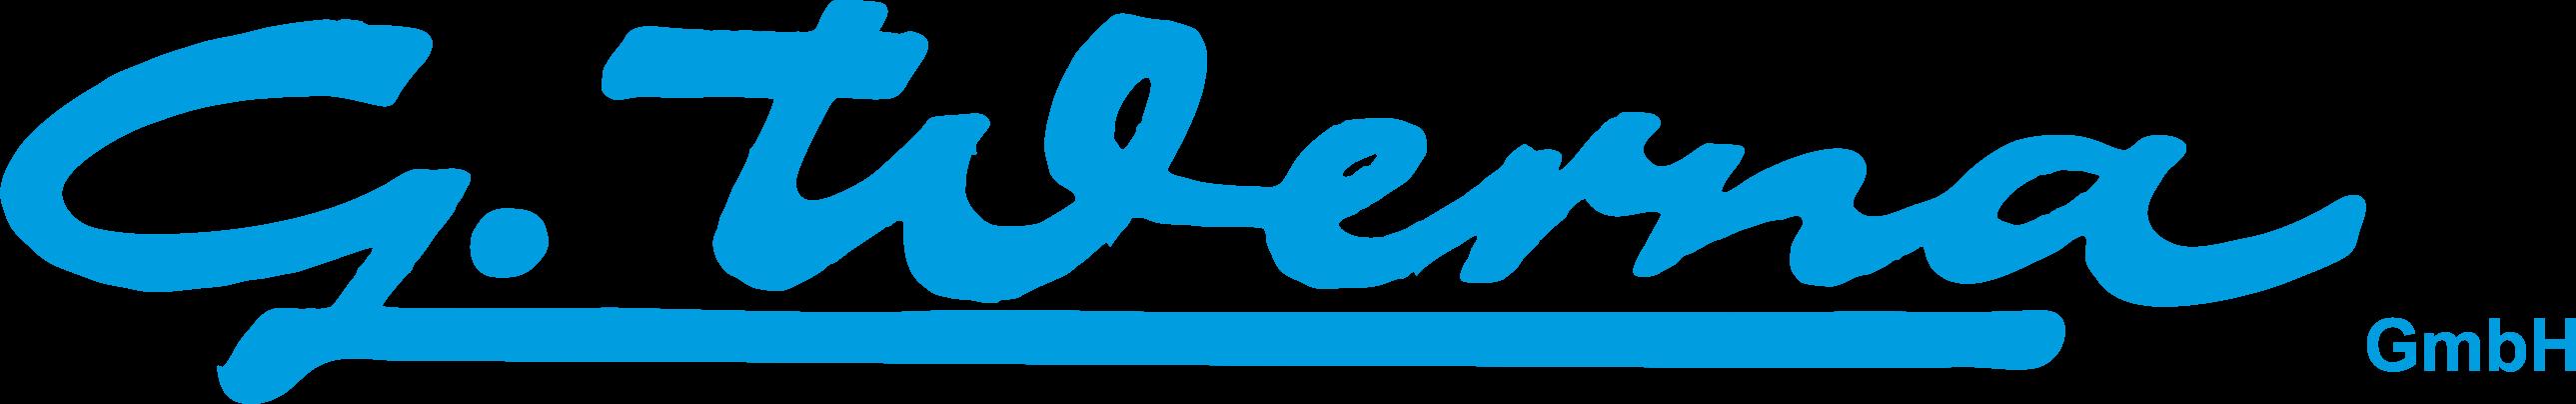 G. Werna GmbH Industrieboden